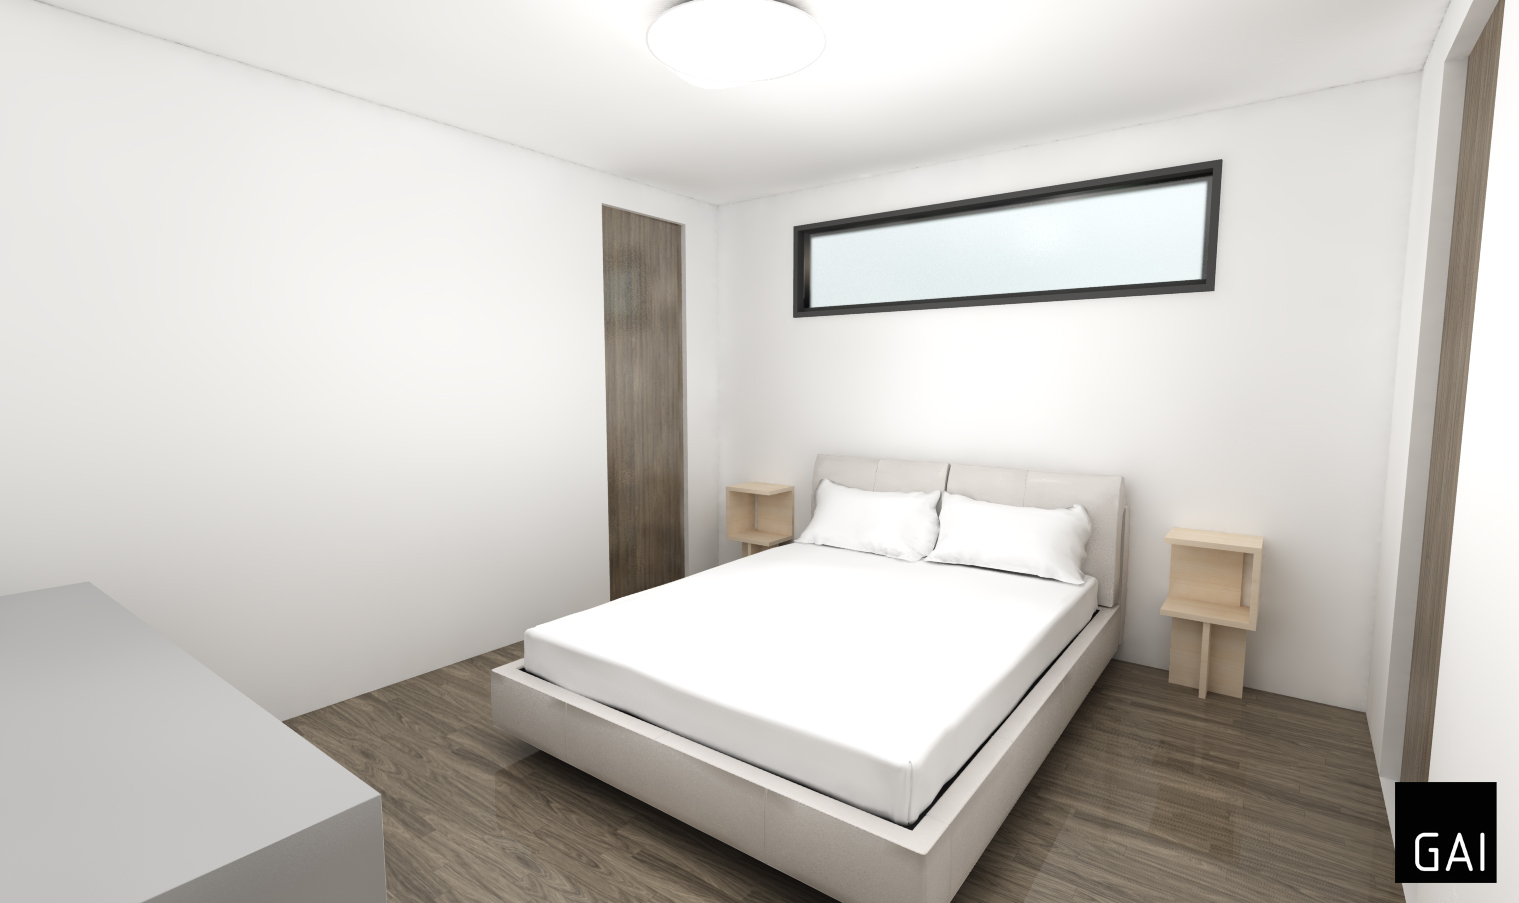 HAMLET_INT_BEDROOM.jpg